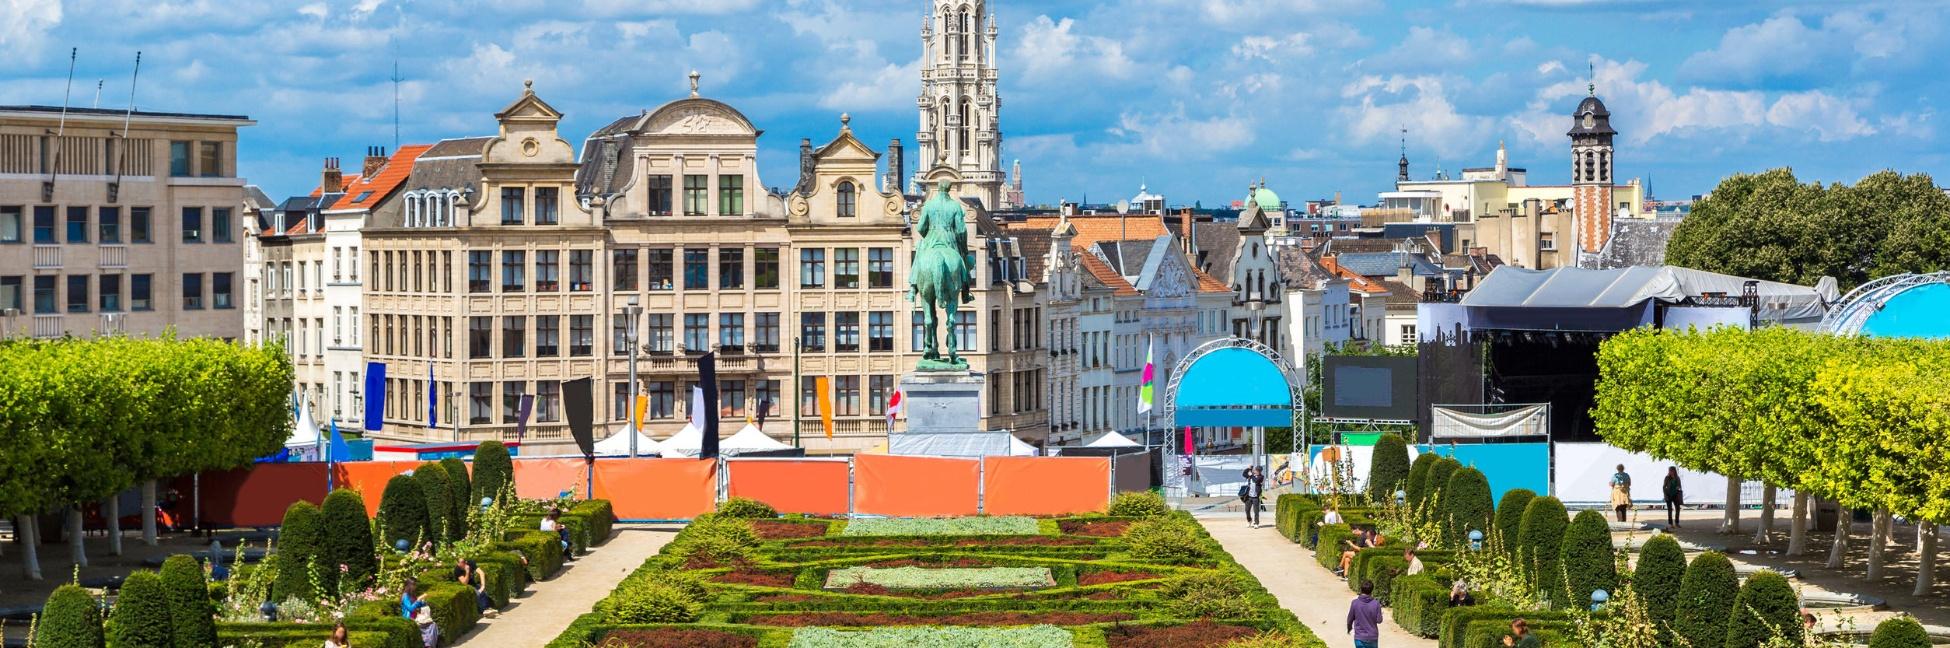 Croisière A travers les Pays-Bas et la Belgique - 9